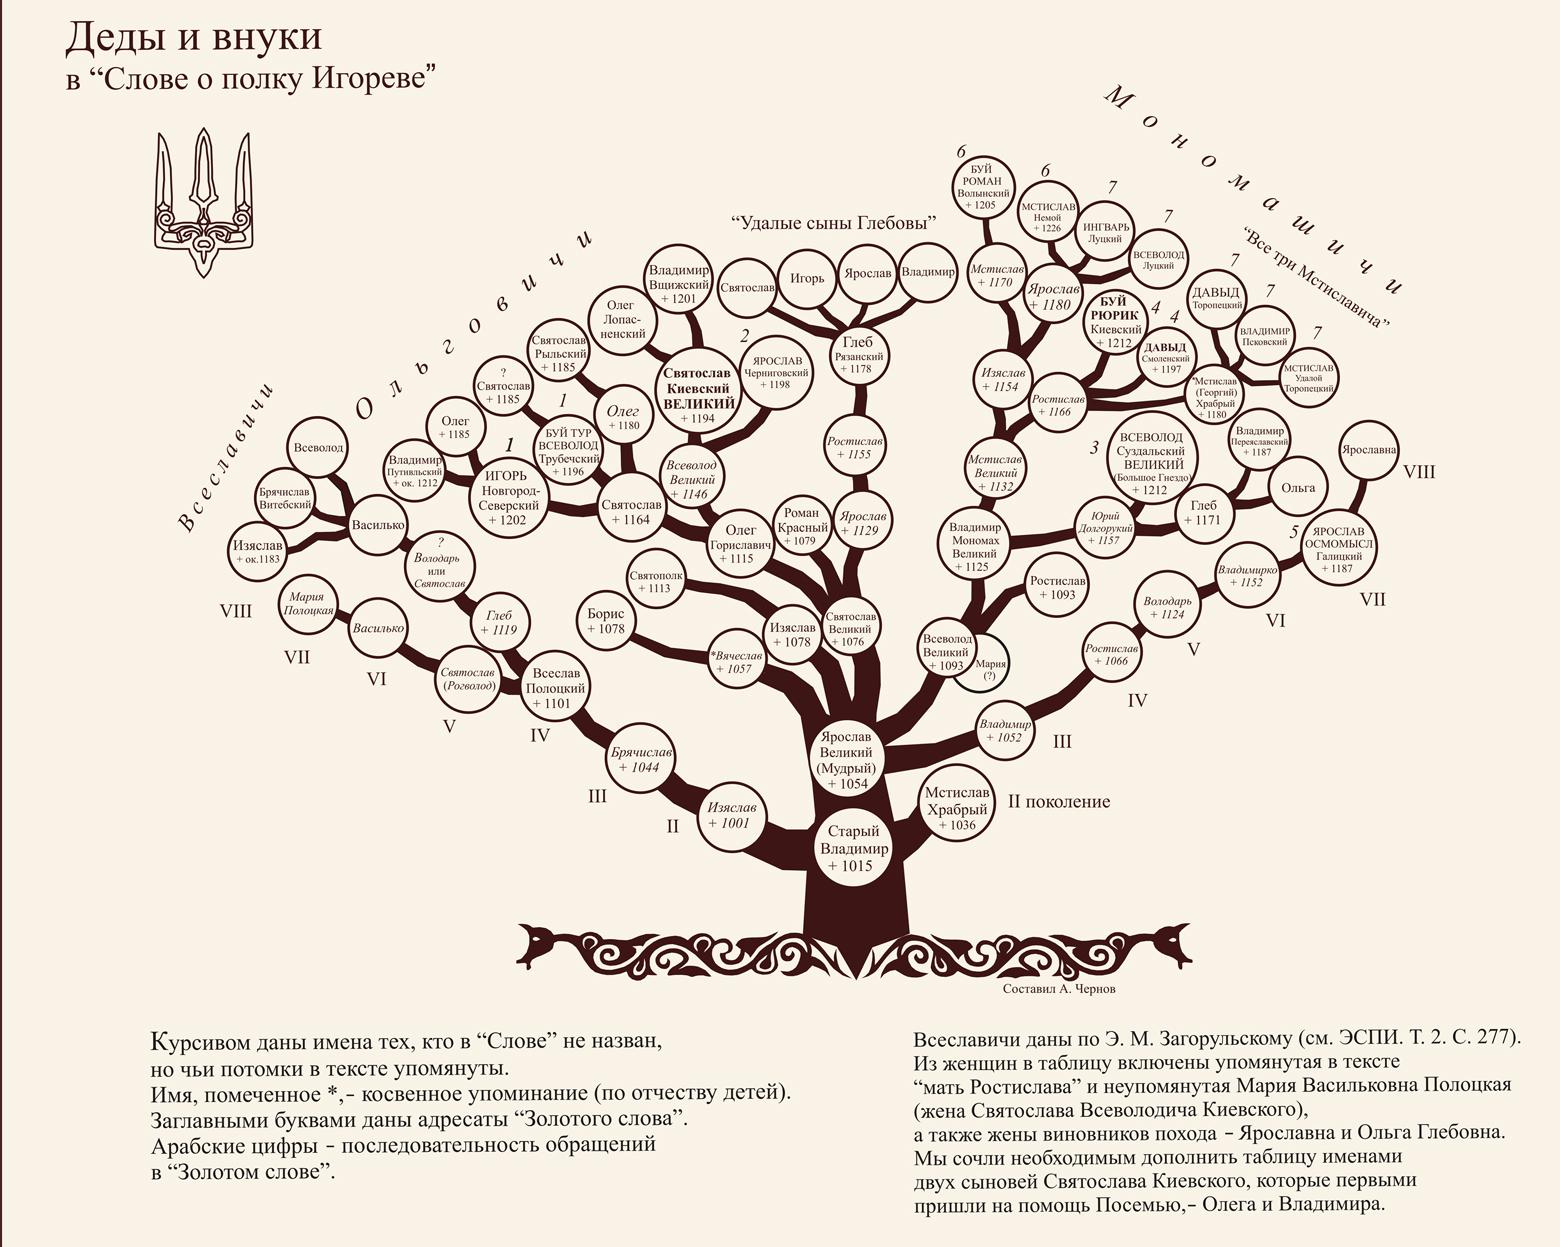 схема генеалогического древа своей семьи